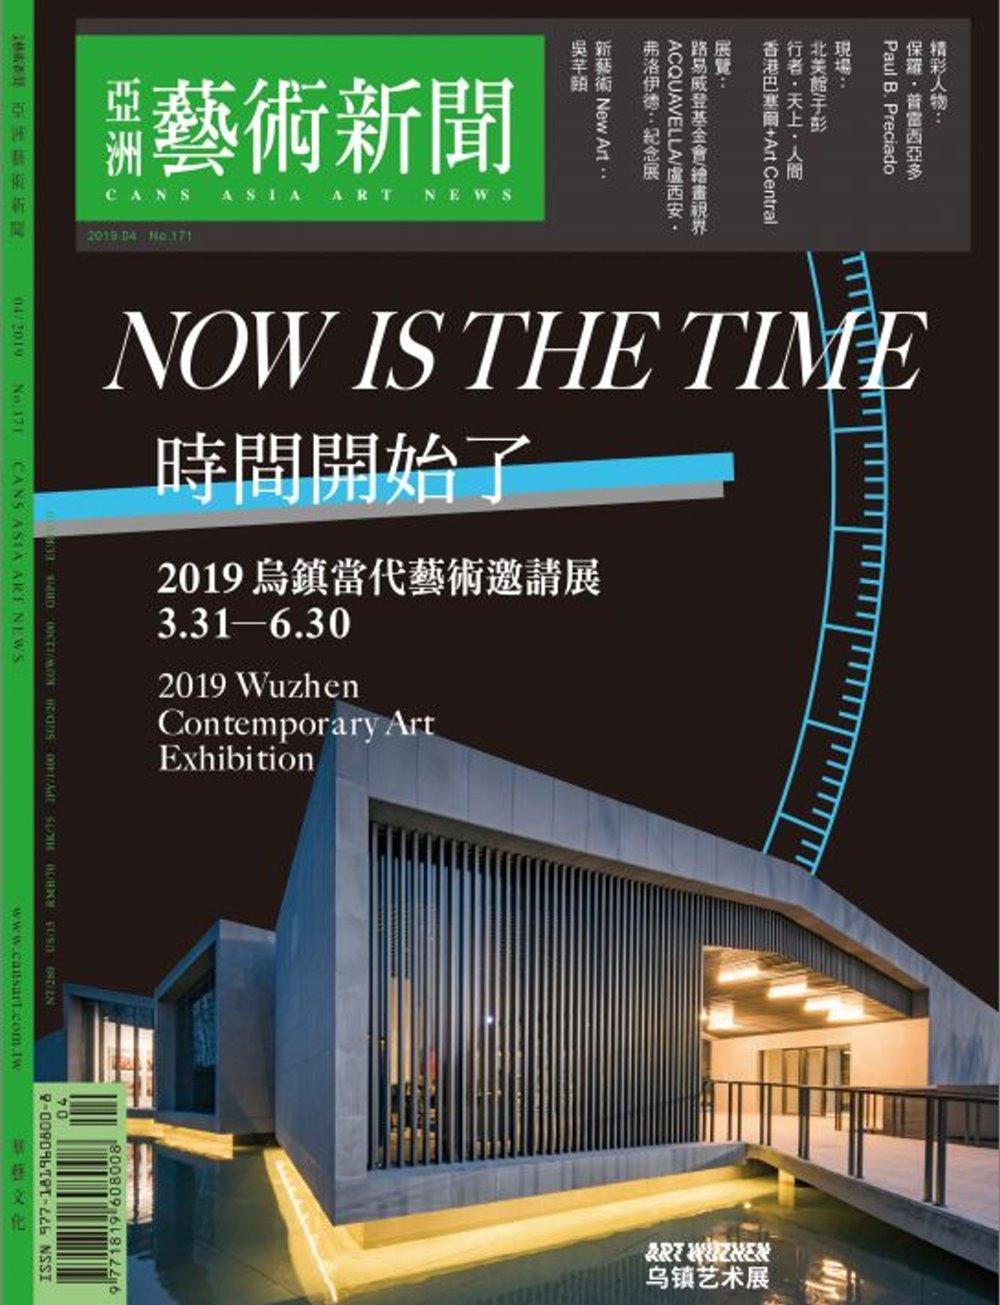 亞洲藝術新聞 4月號/2019 第171期